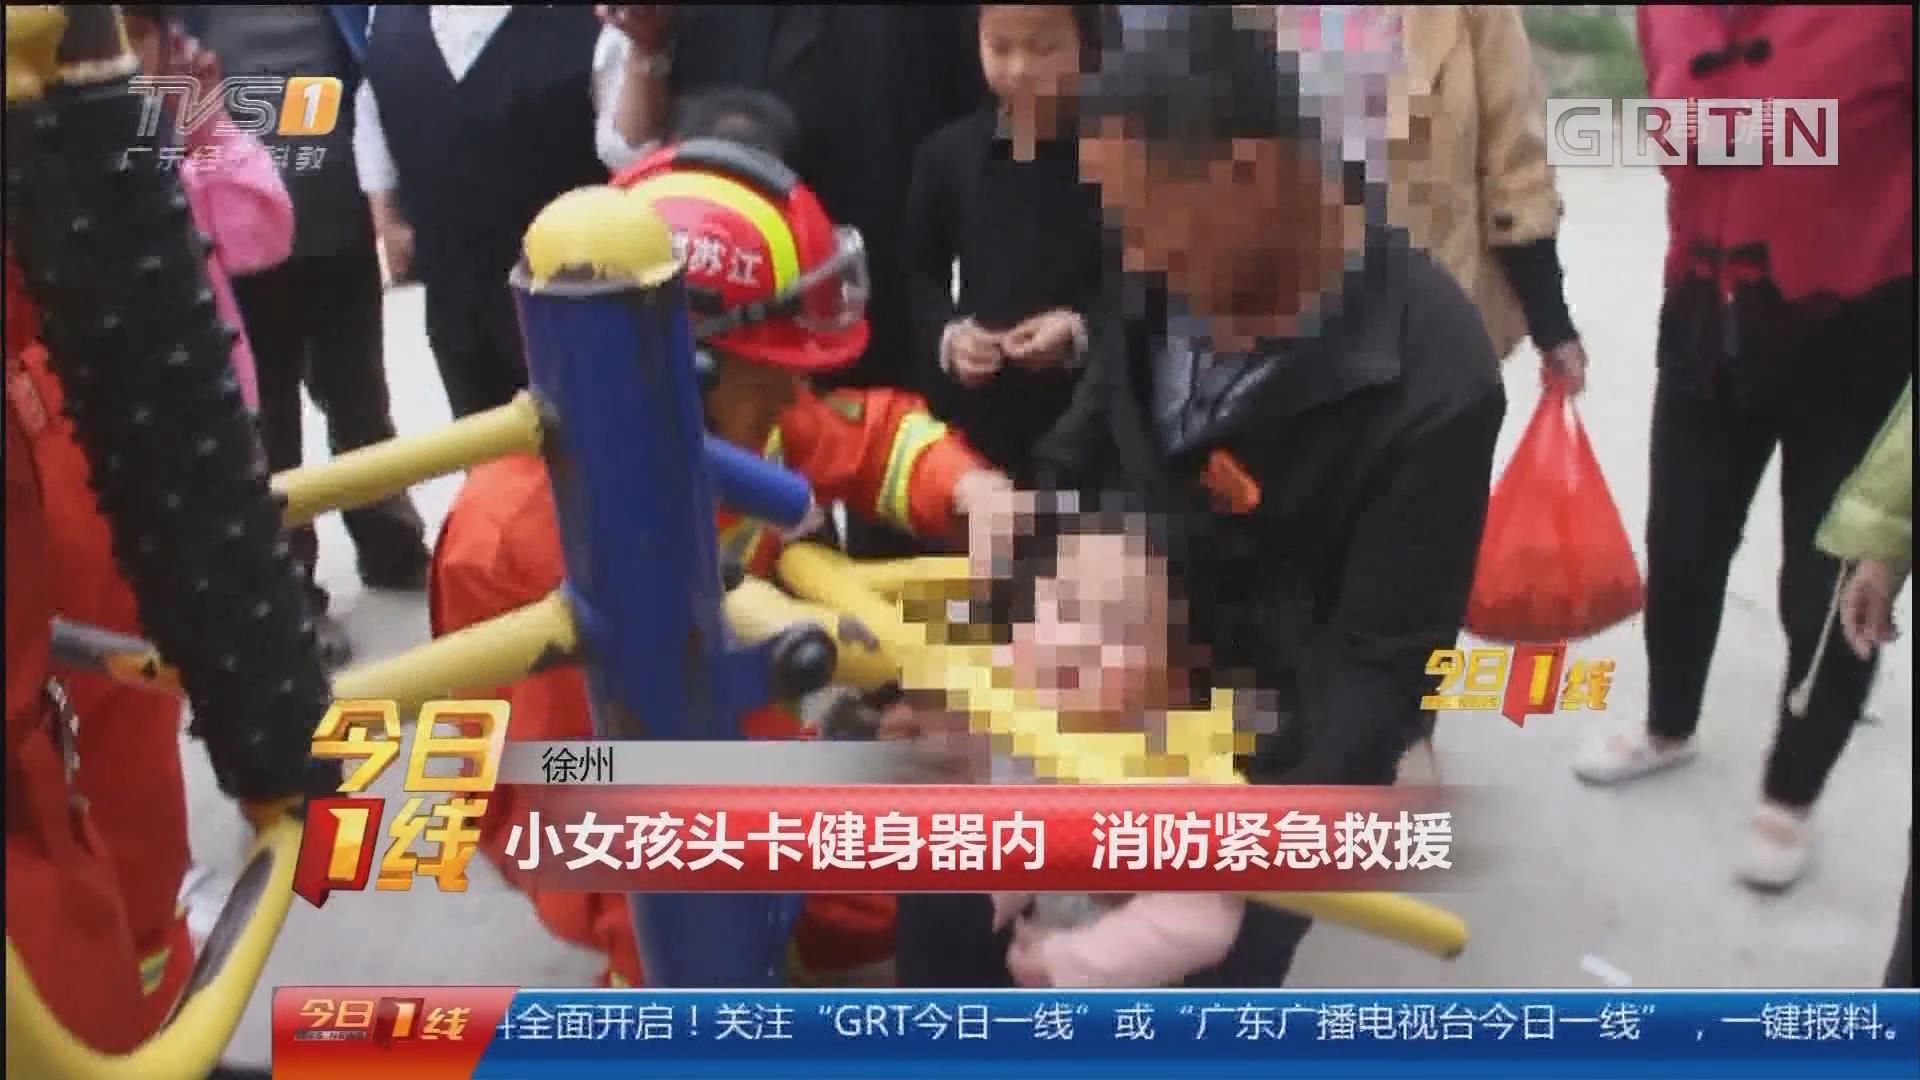 徐州:小女孩头卡健身器内 消防紧急救援